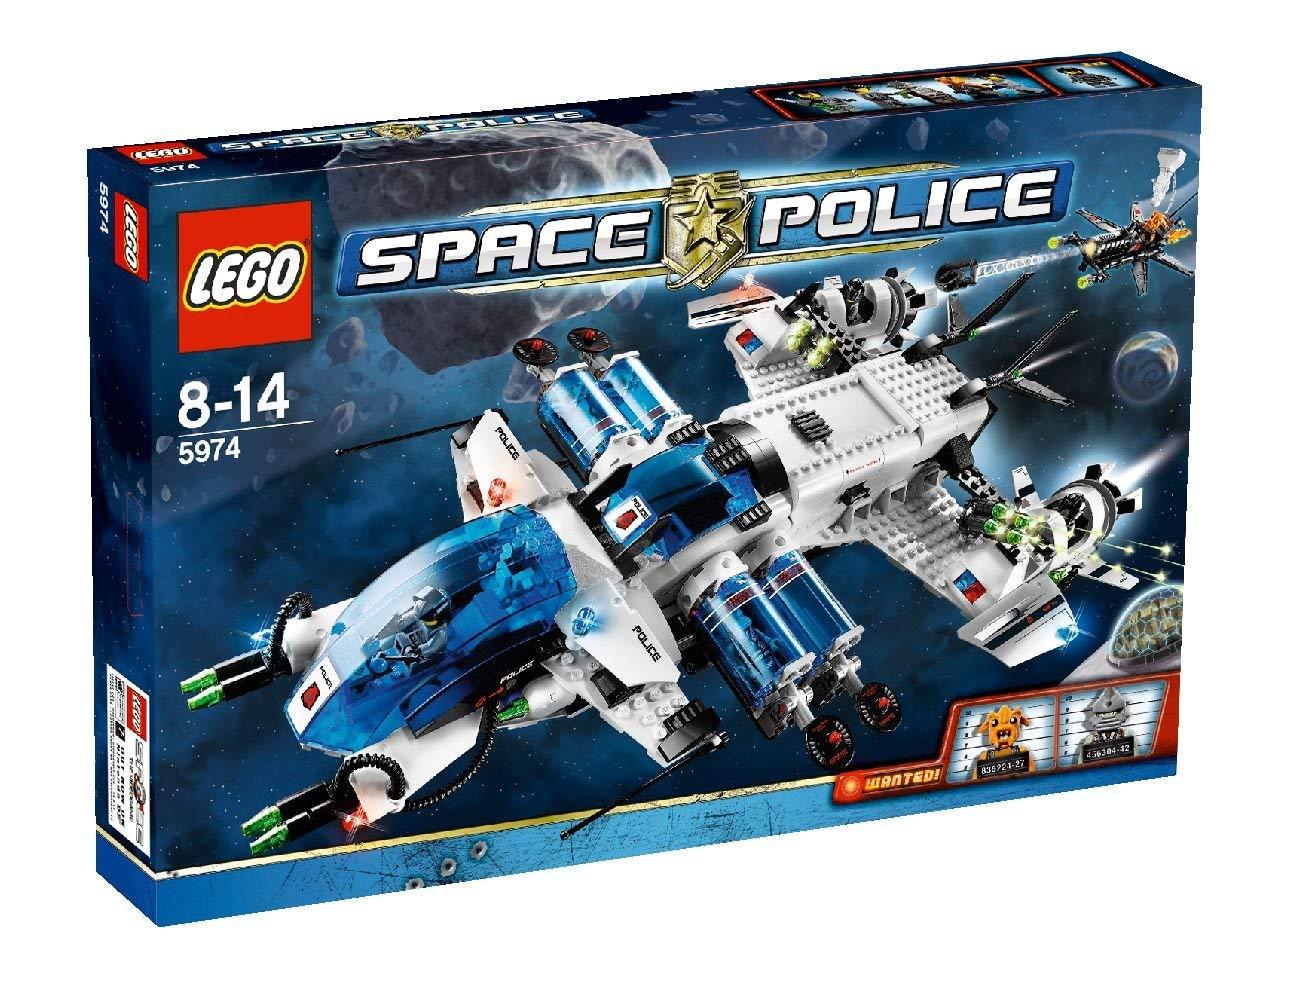 【並行輸入品】LEGO 5974 Galactic Enforcer (レゴ スペース・ポリス ギャラクティック・エンフォーサー)